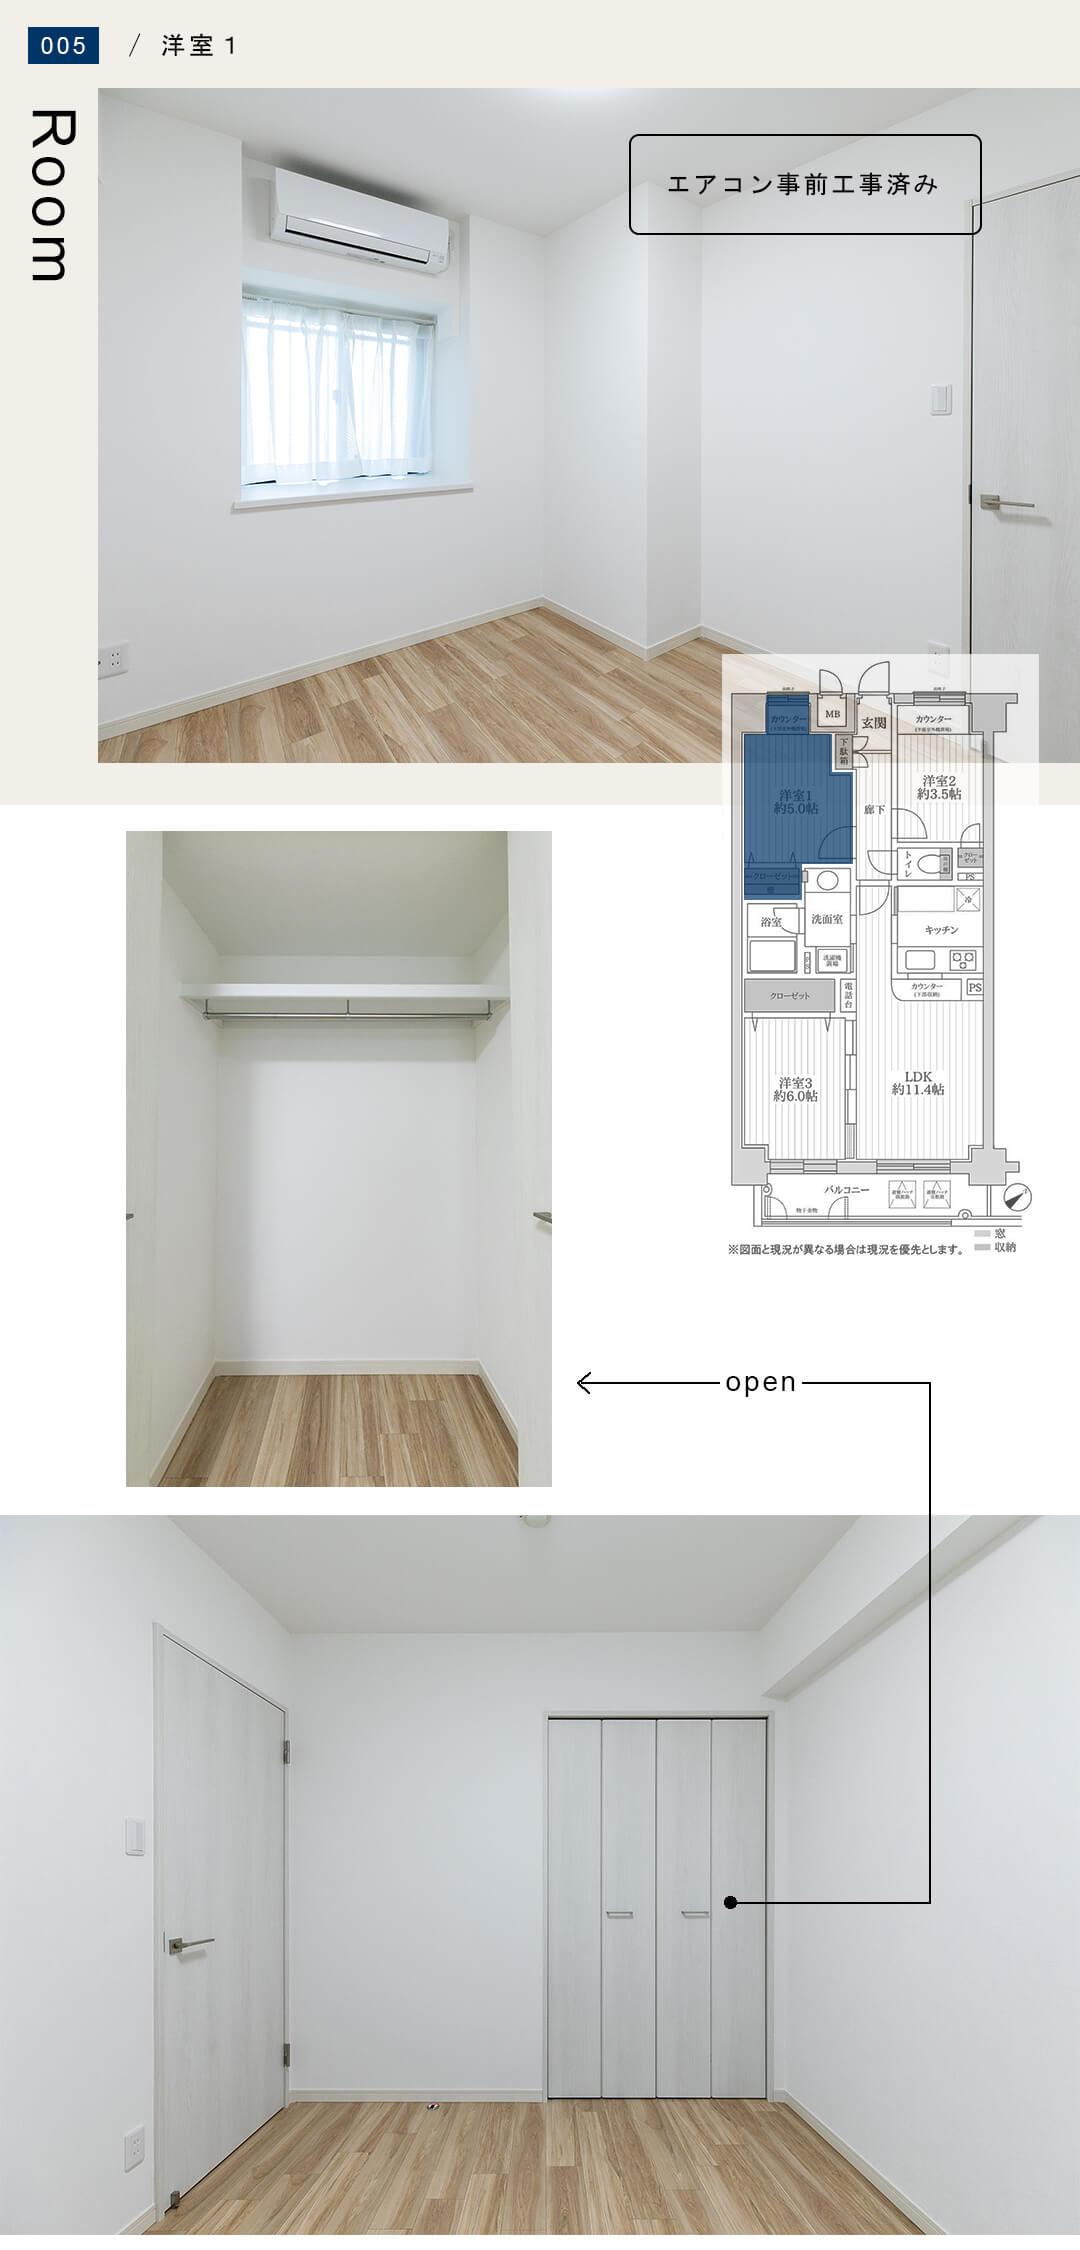 パルミナード尾山台弐番館304の洋室1